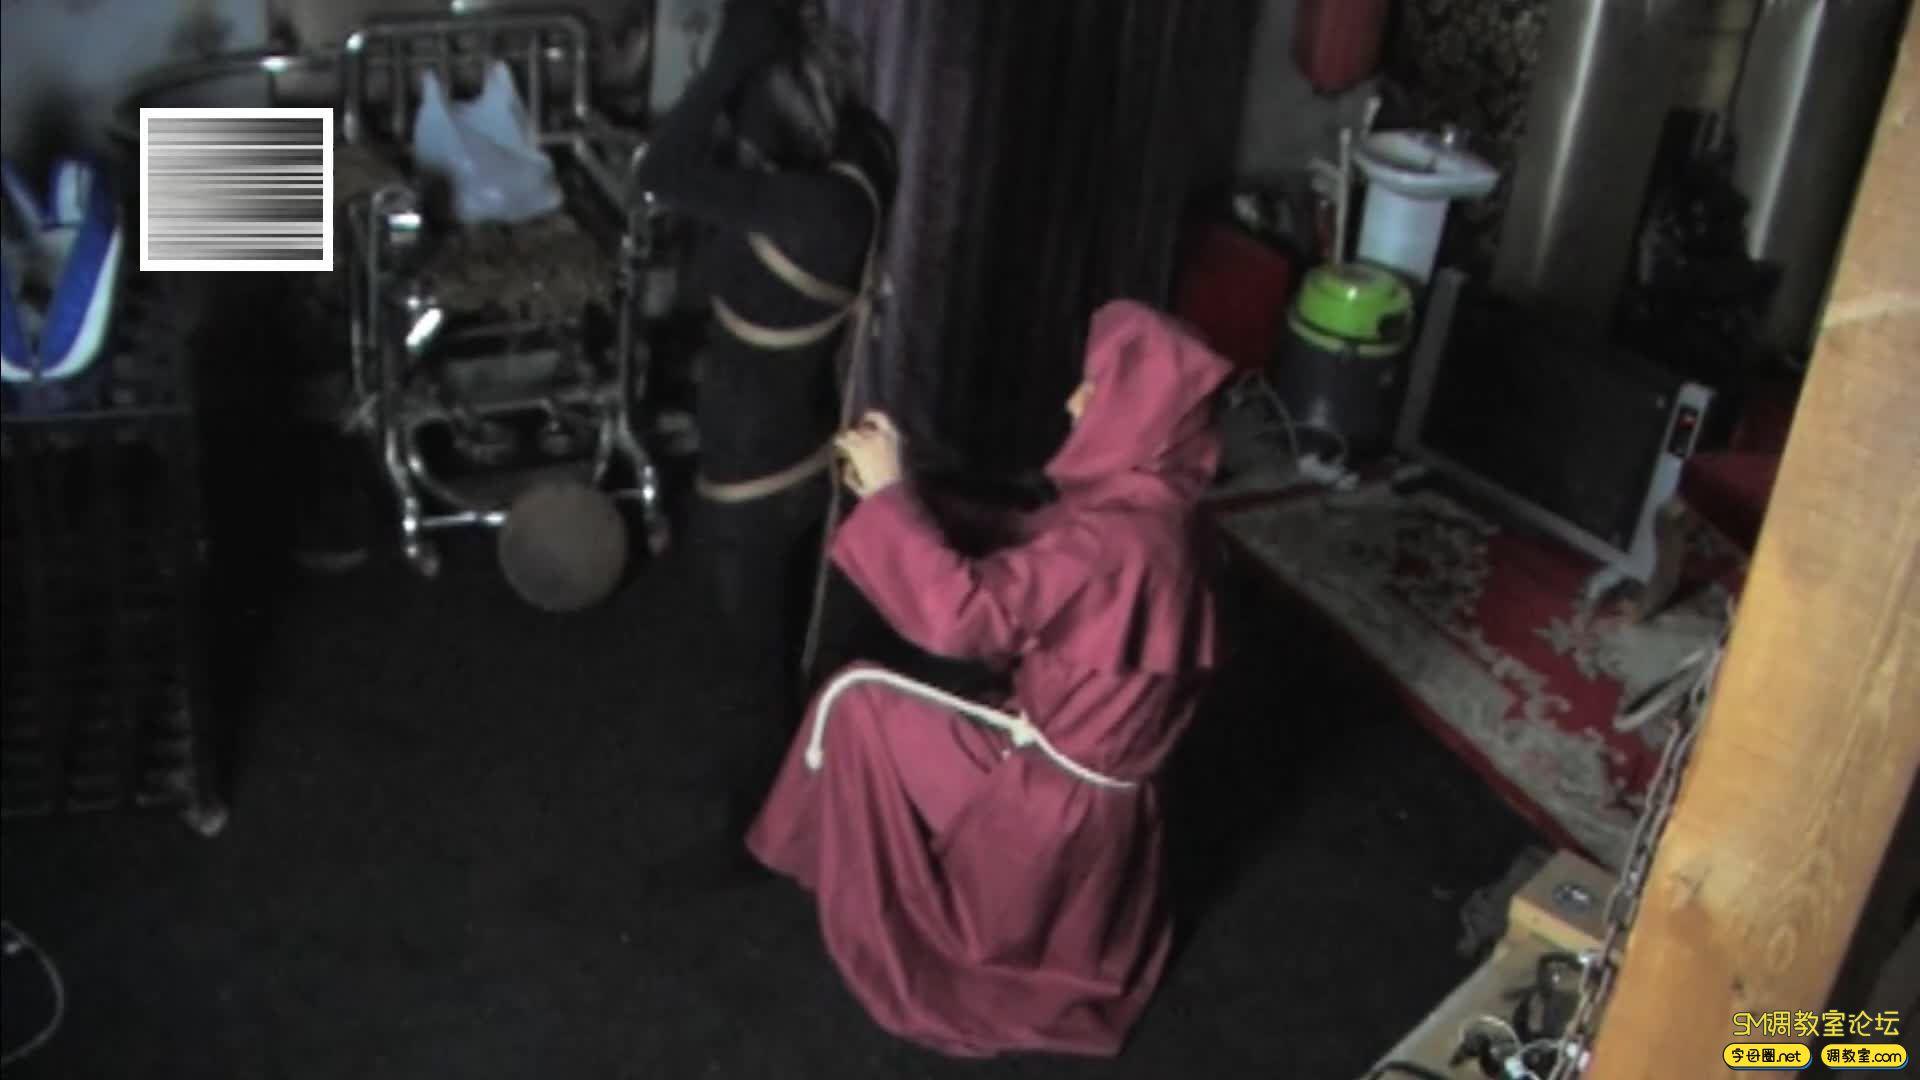 禅狱工作室_D乳黑衣女吊缚鞭打-视频截图1